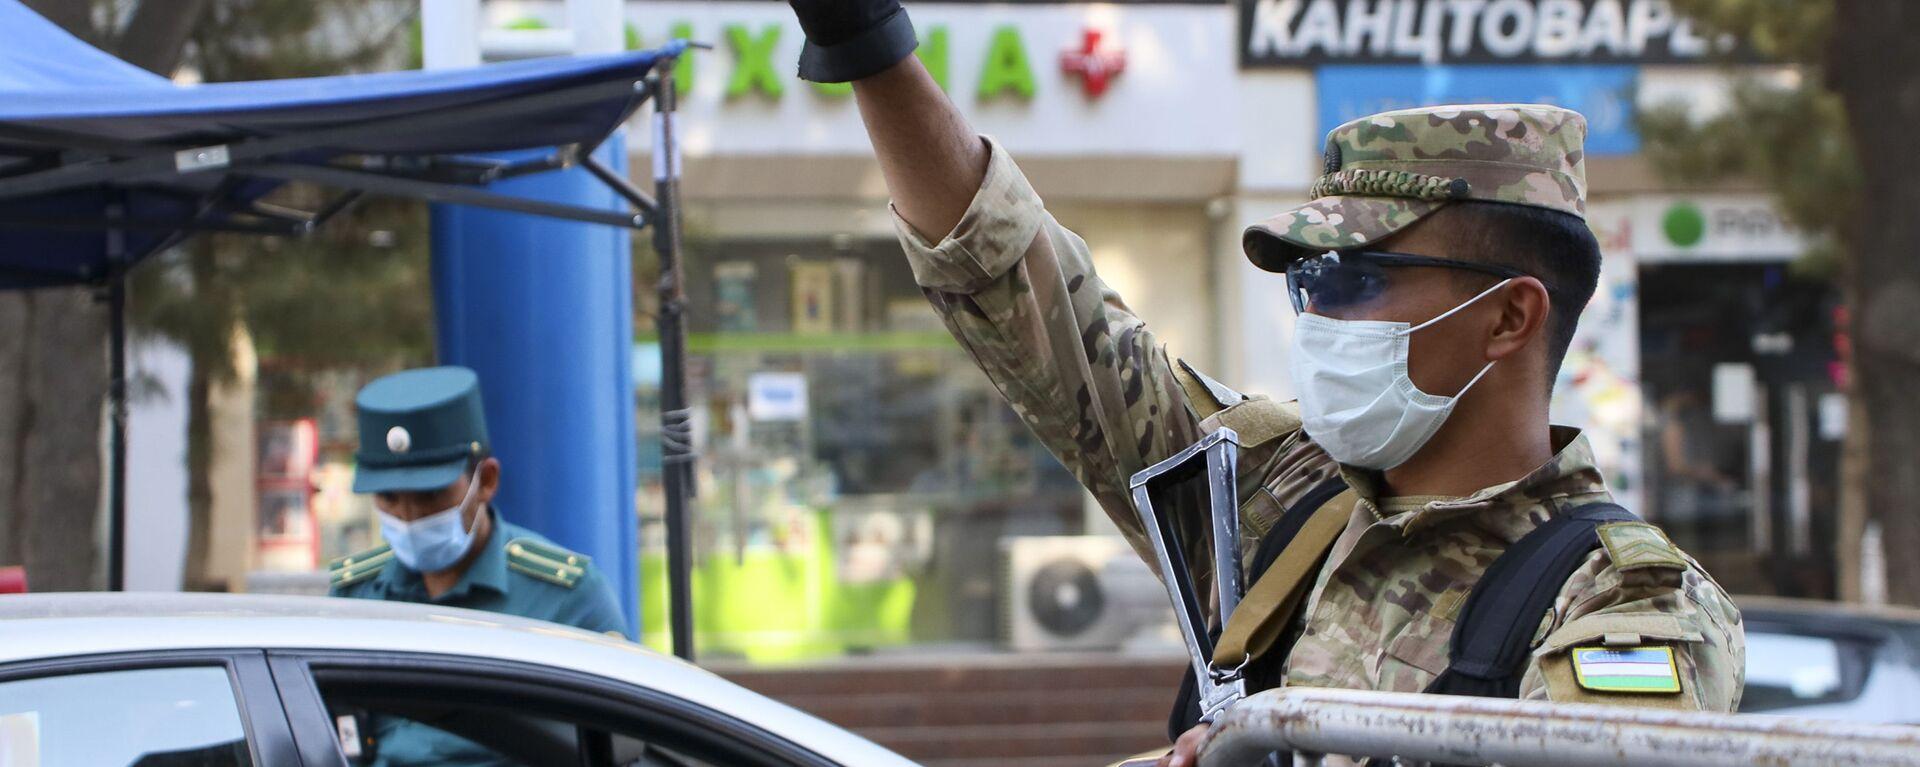 Полицейские в масках на улицах Ташкента - Sputnik Ўзбекистон, 1920, 22.06.2021